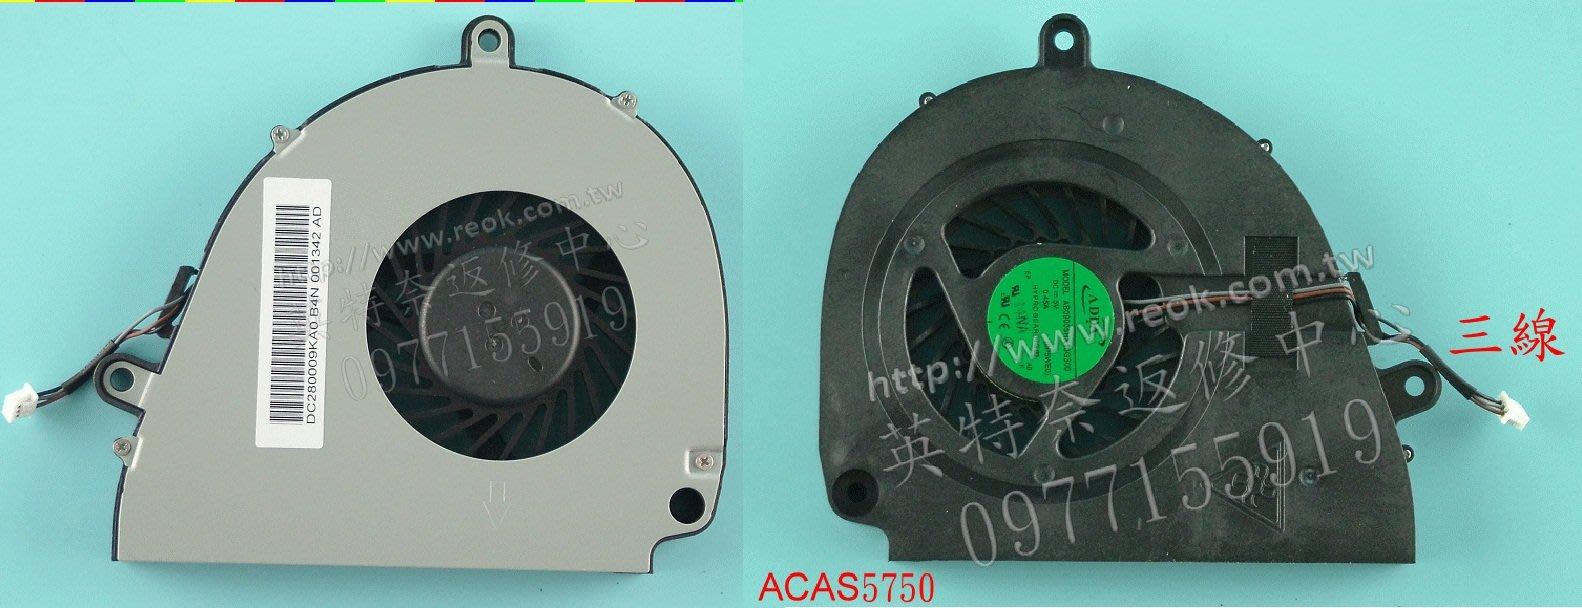 ACER 宏碁 Aspire AS E1-451 E1-451G E1-571 E1-571G 筆電 風扇5750帶殼